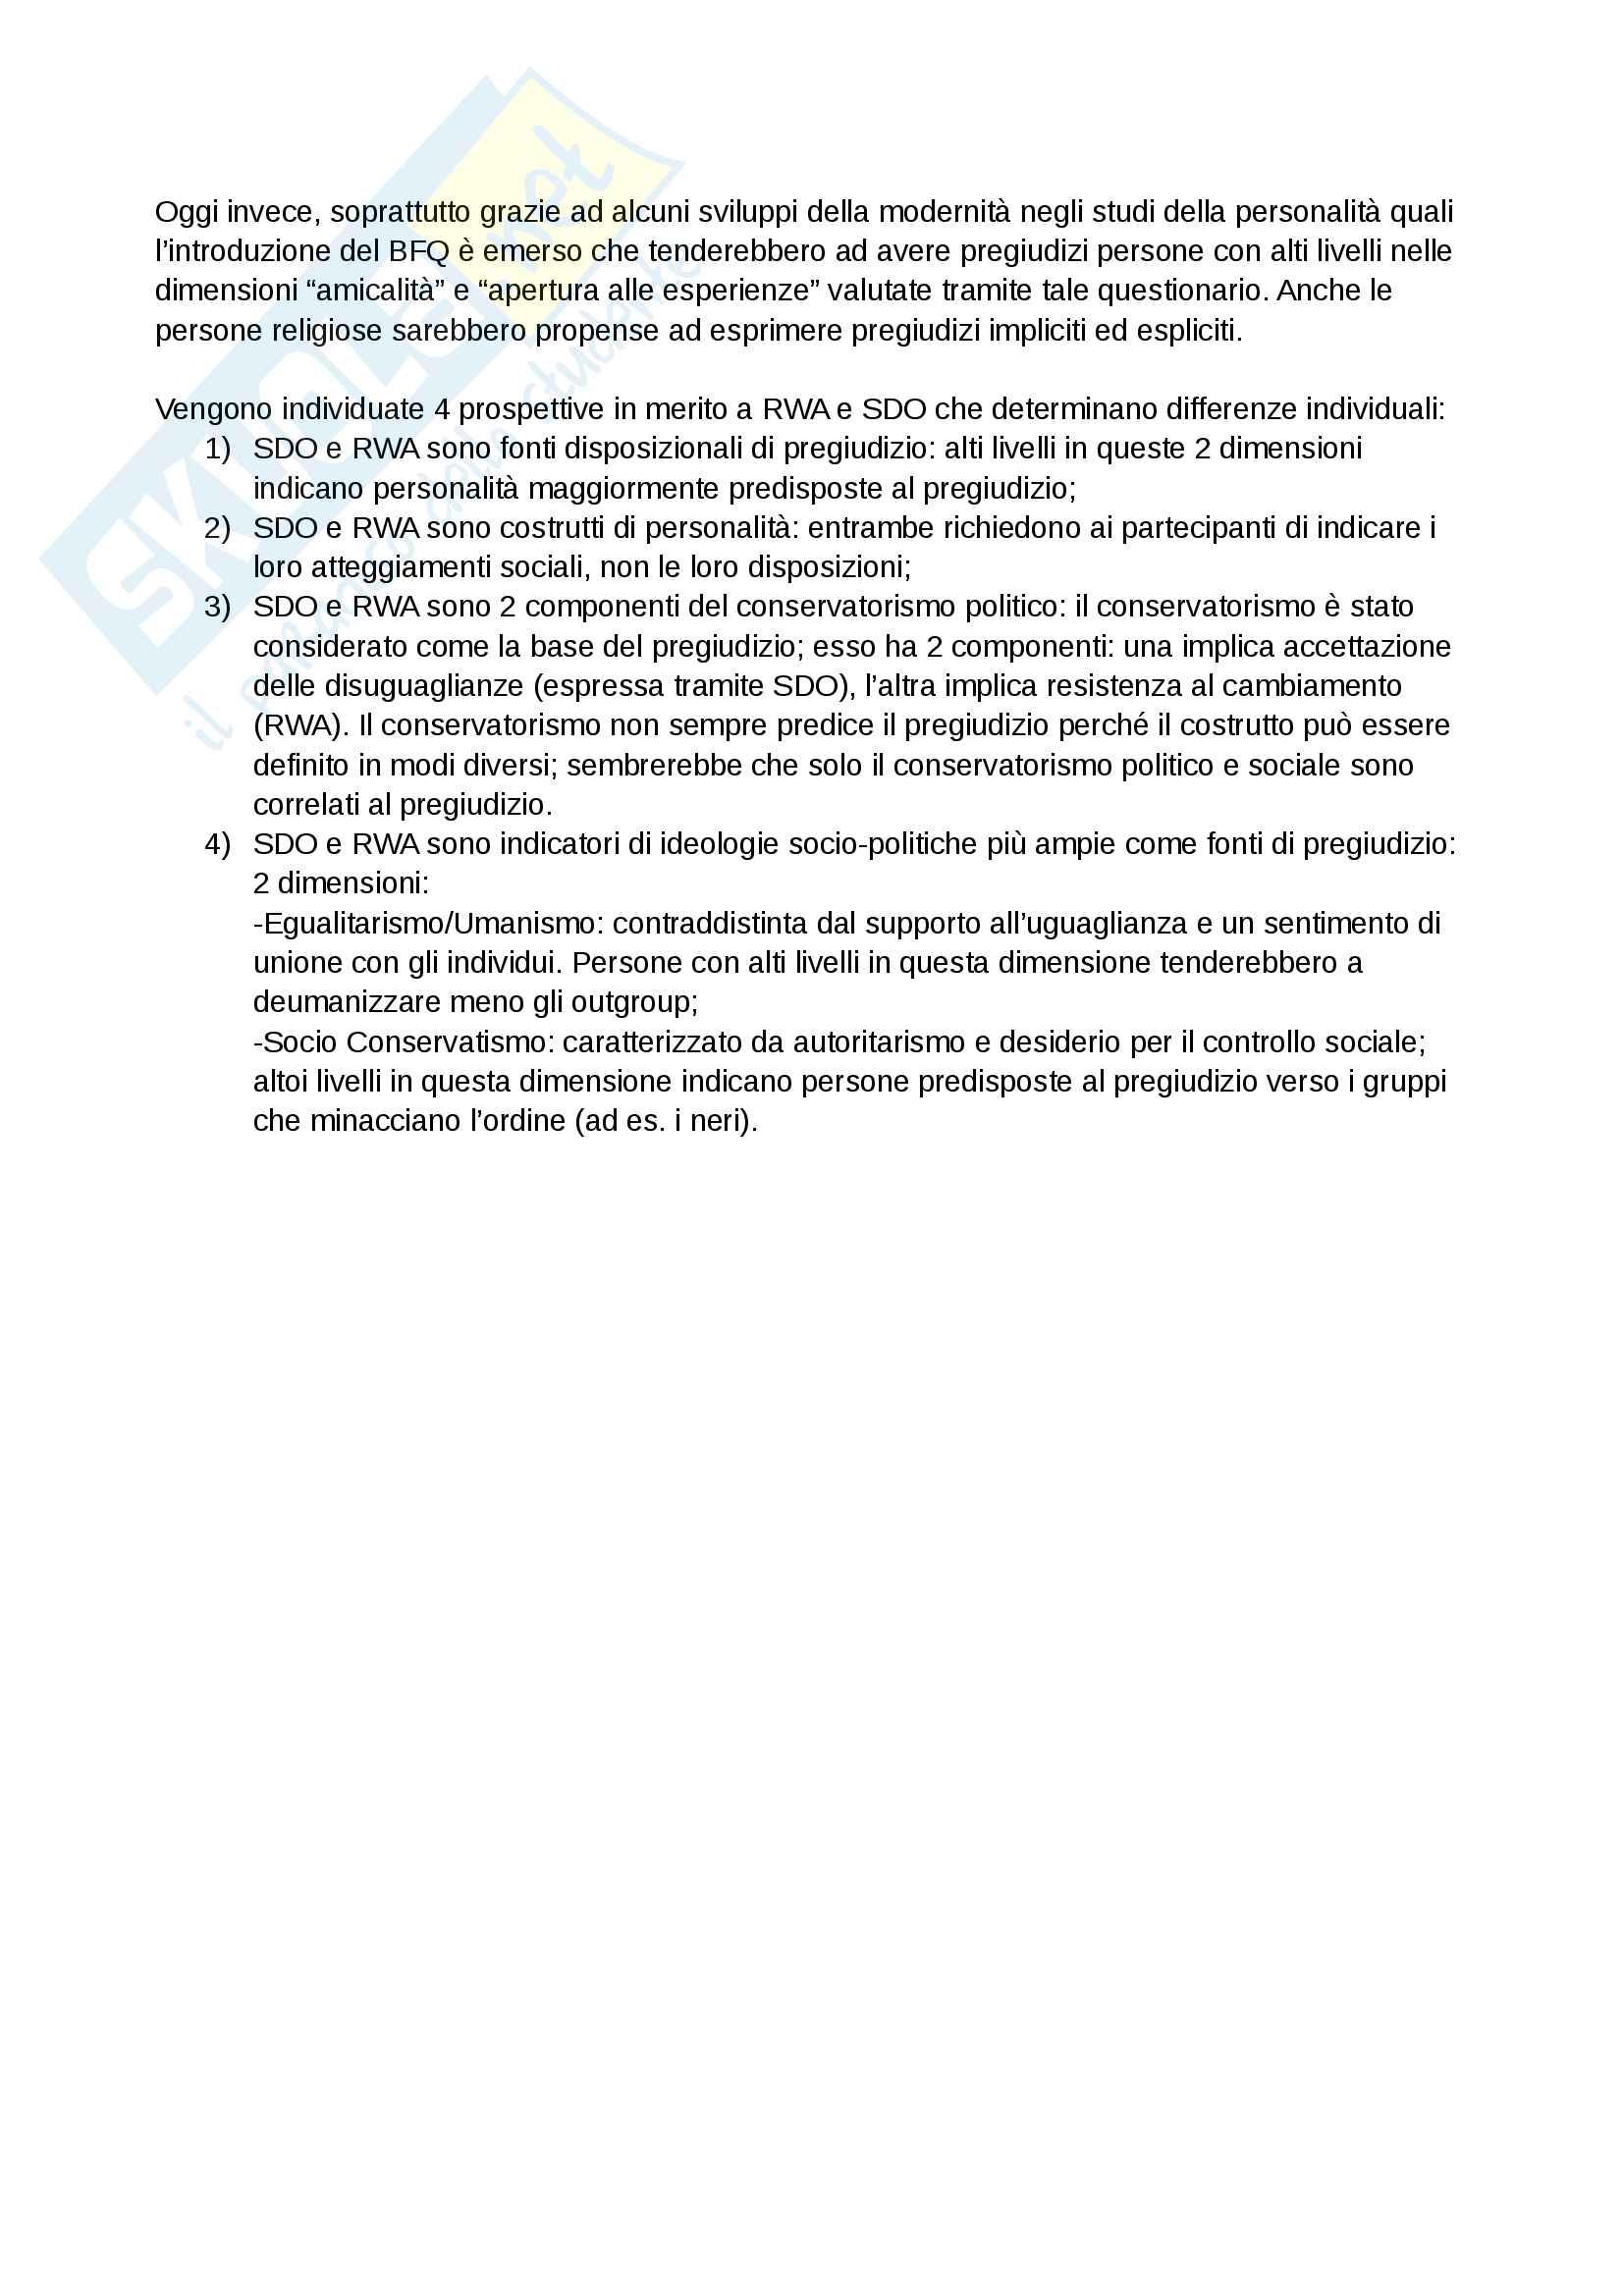 Riassunto esame e Appunti completi di Psicologia Sociale: corso avanzato per l'esame della Prof. Sacchi su Pregiudizio, Stereotipo, Discriminazione Bicocca Pag. 21